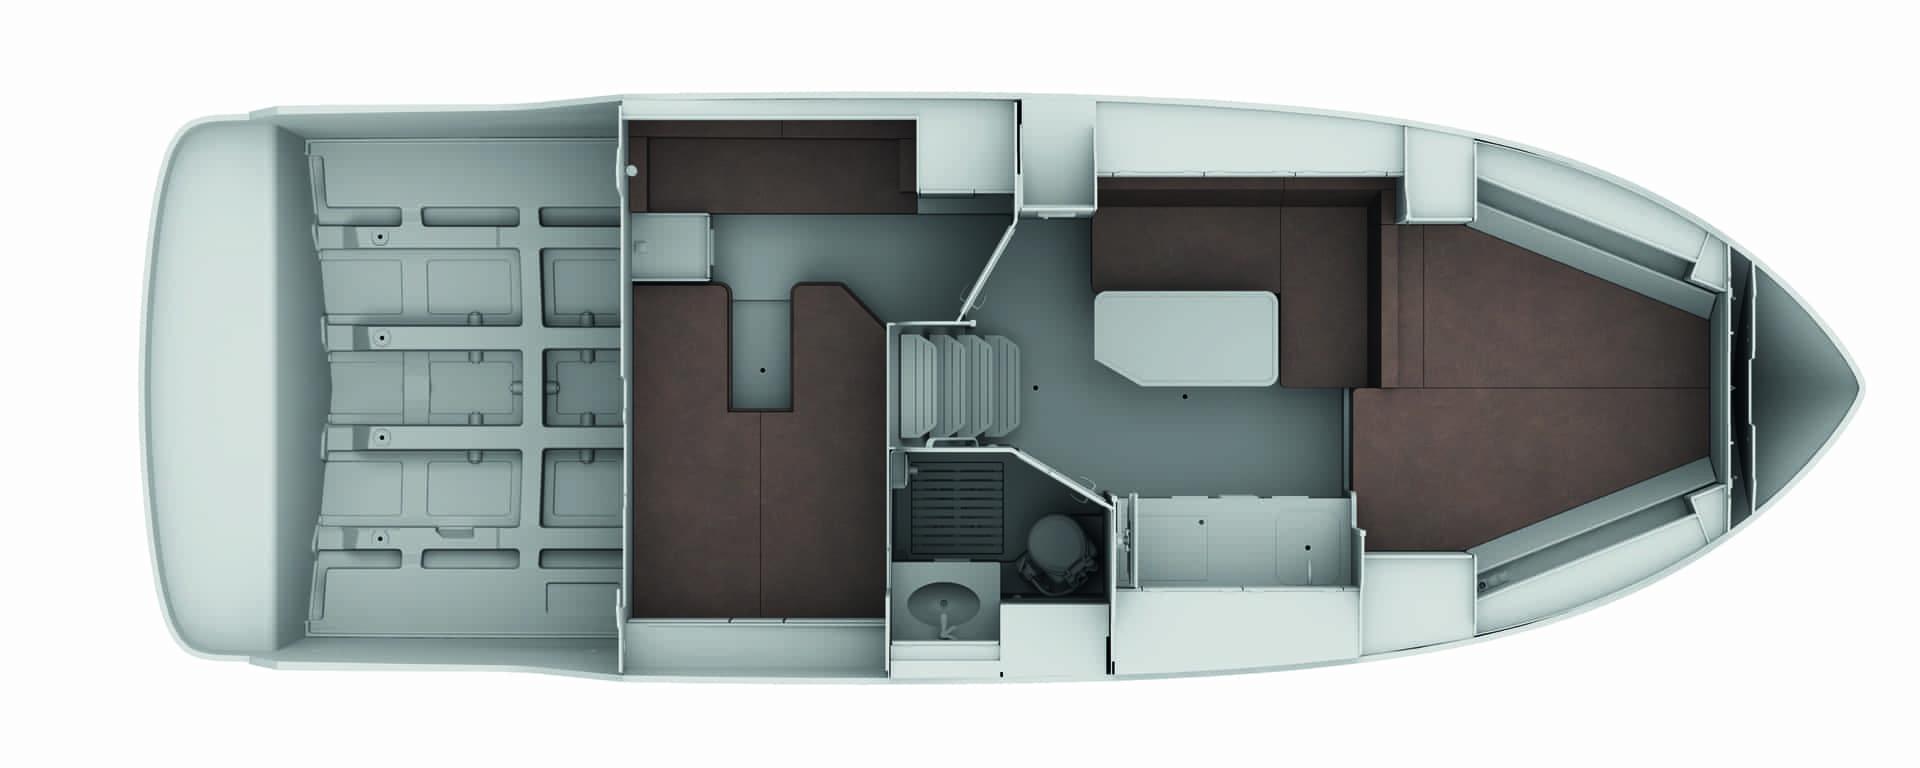 Bavaria S33 layout